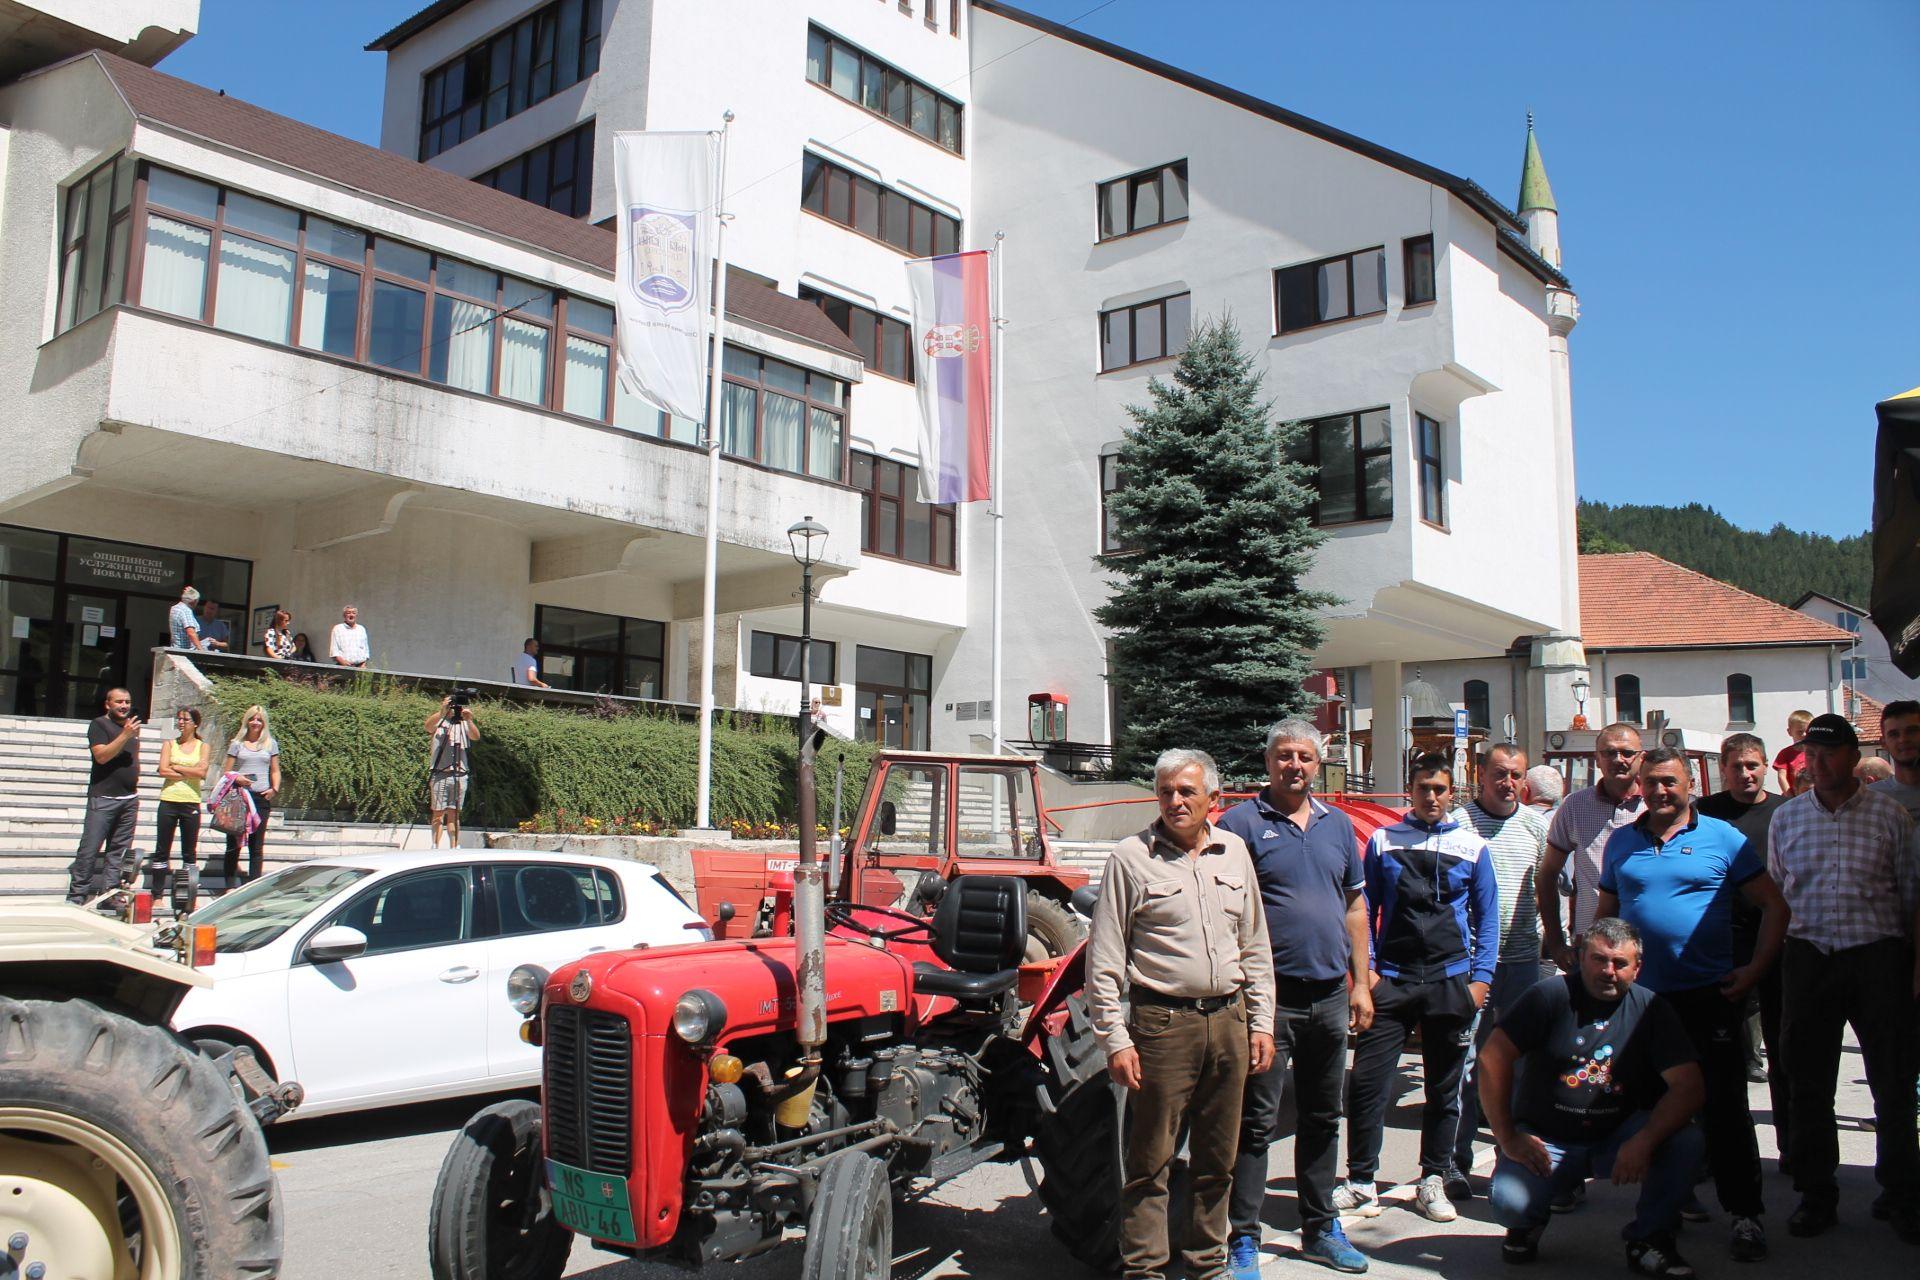 Трактори и водоноше пред општином